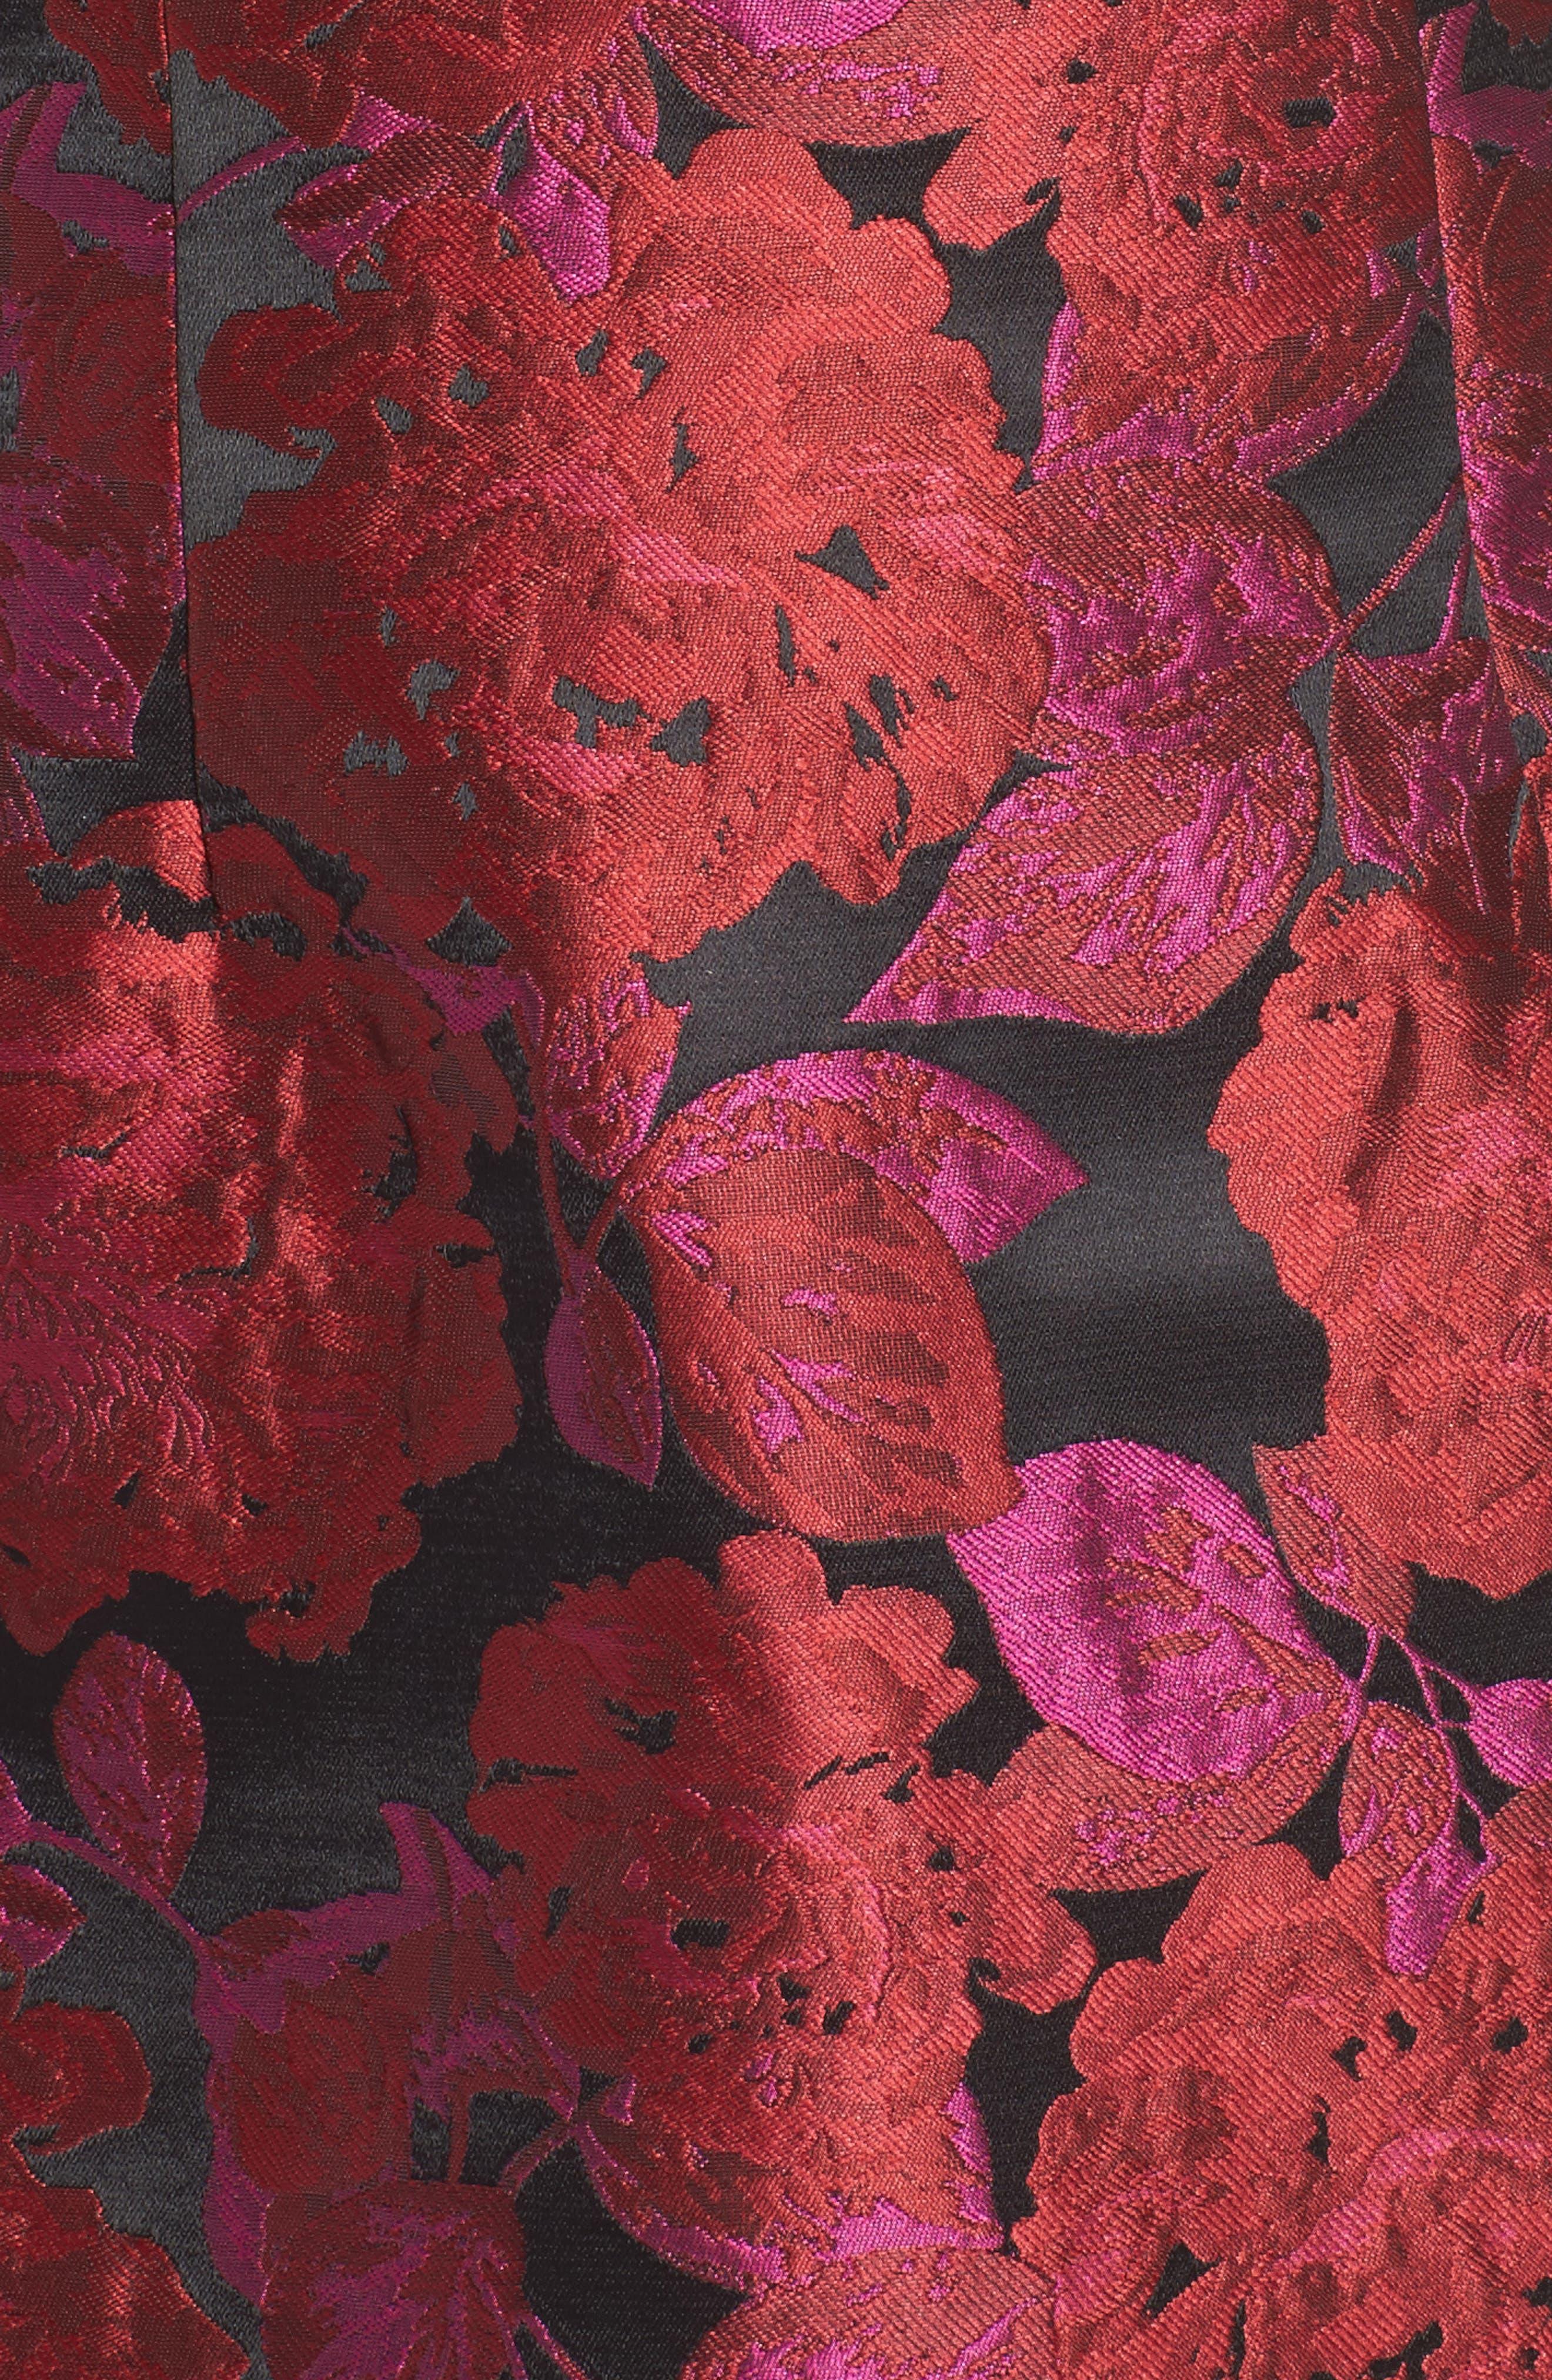 Jacquard Fit & Flare Dress,                             Alternate thumbnail 5, color,                             635